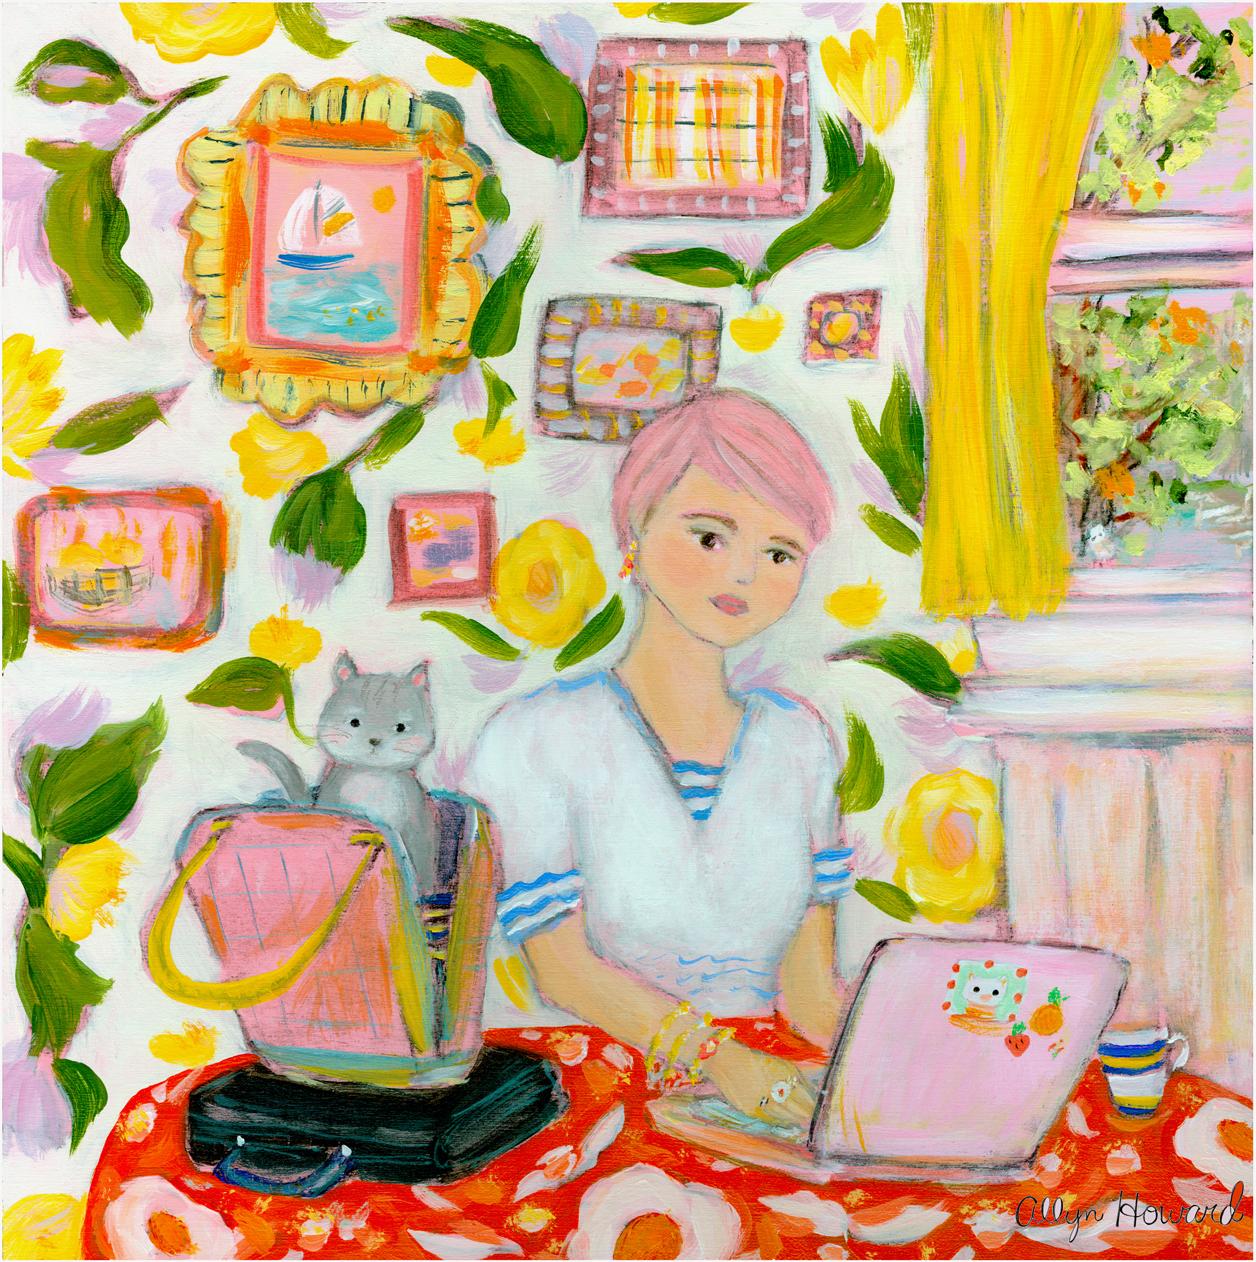 1Allyn_Howard_writer_Pinks_creative-lady-series.jpg